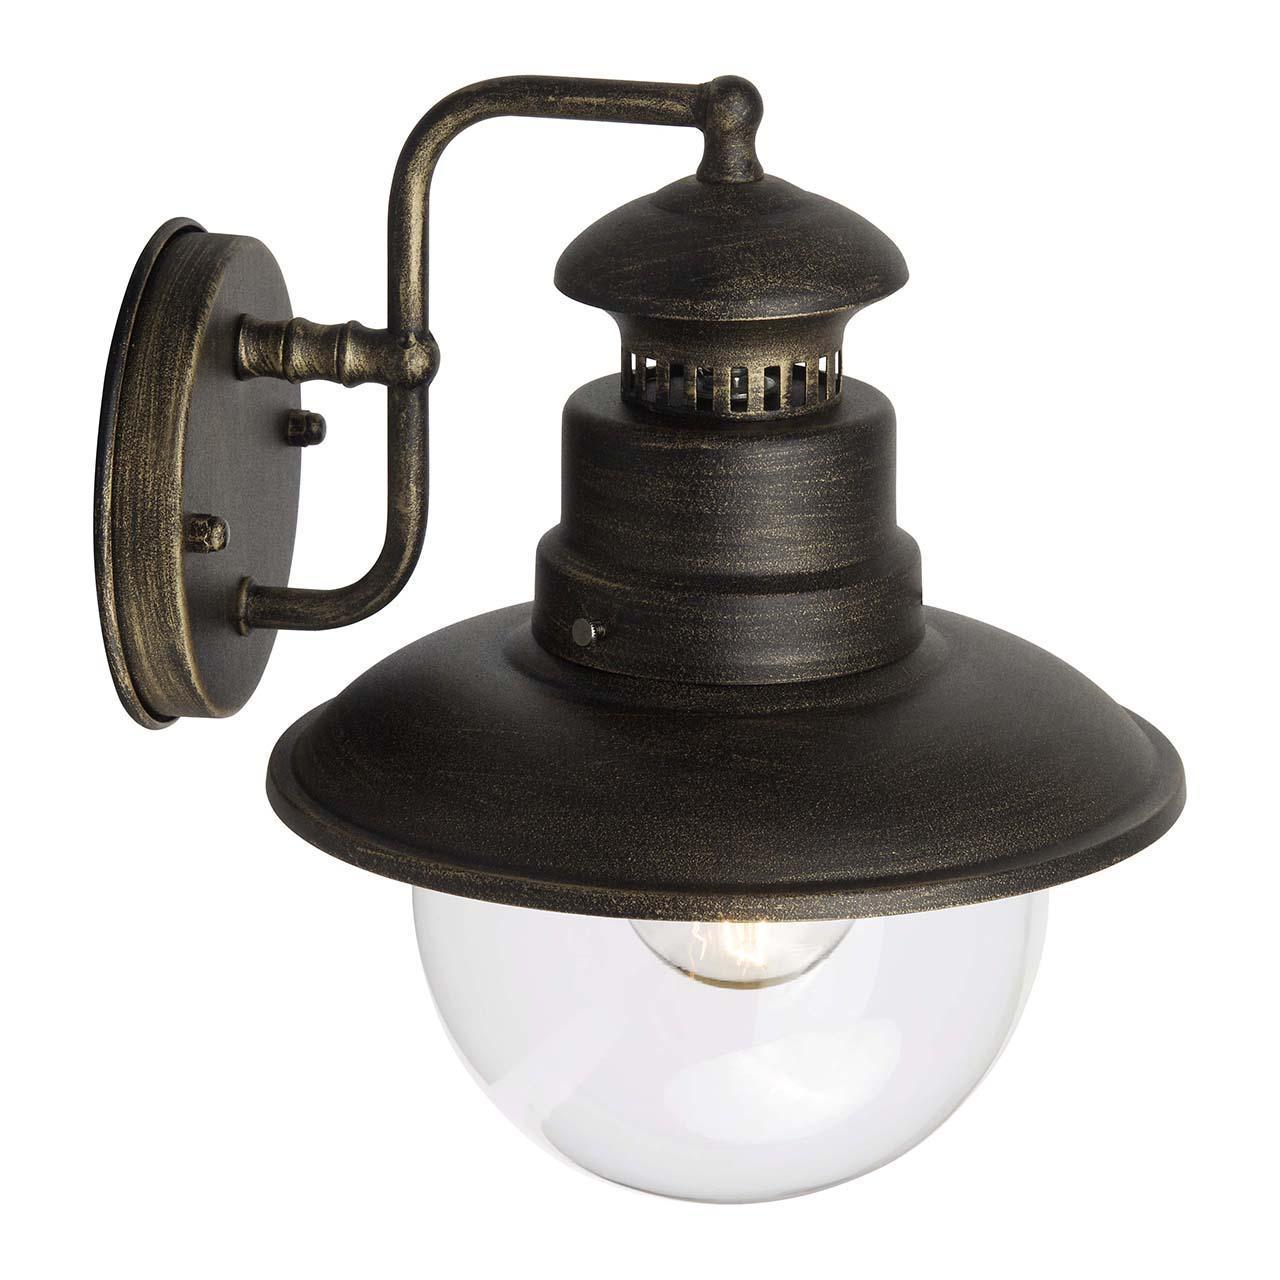 Уличный настенный светильник Brilliant Artu 96128/86 уличный наземный светильник brilliant jason 43884 86